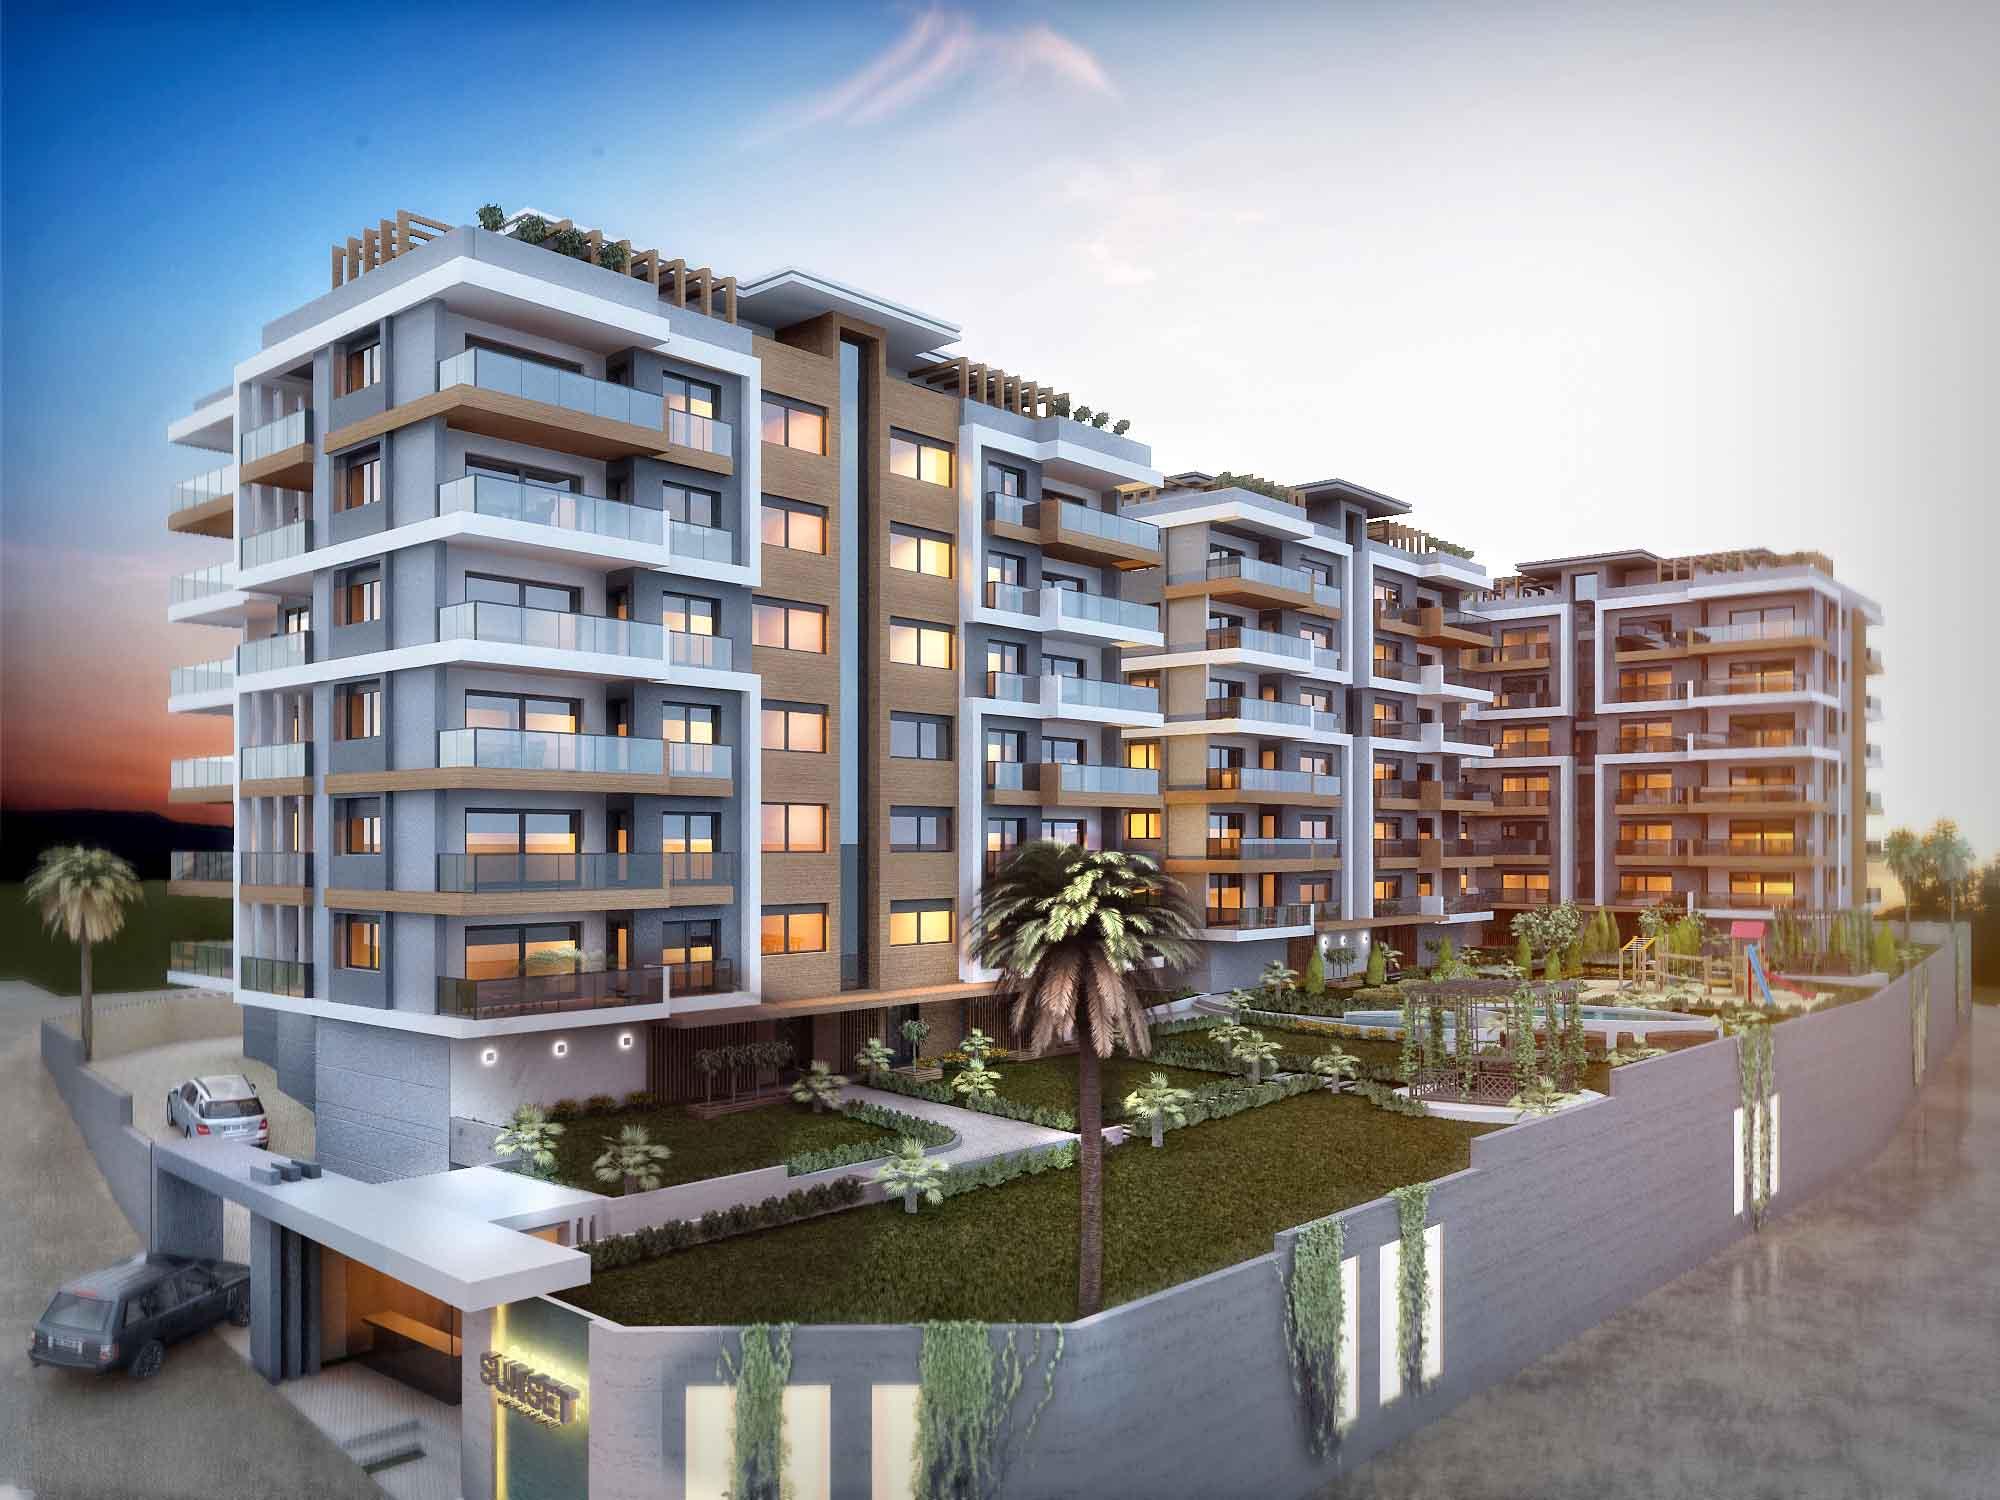 2M Yönetim; Ankara apartman yönetim şirketi denilince şehirde ilk akla gelen firmadır.